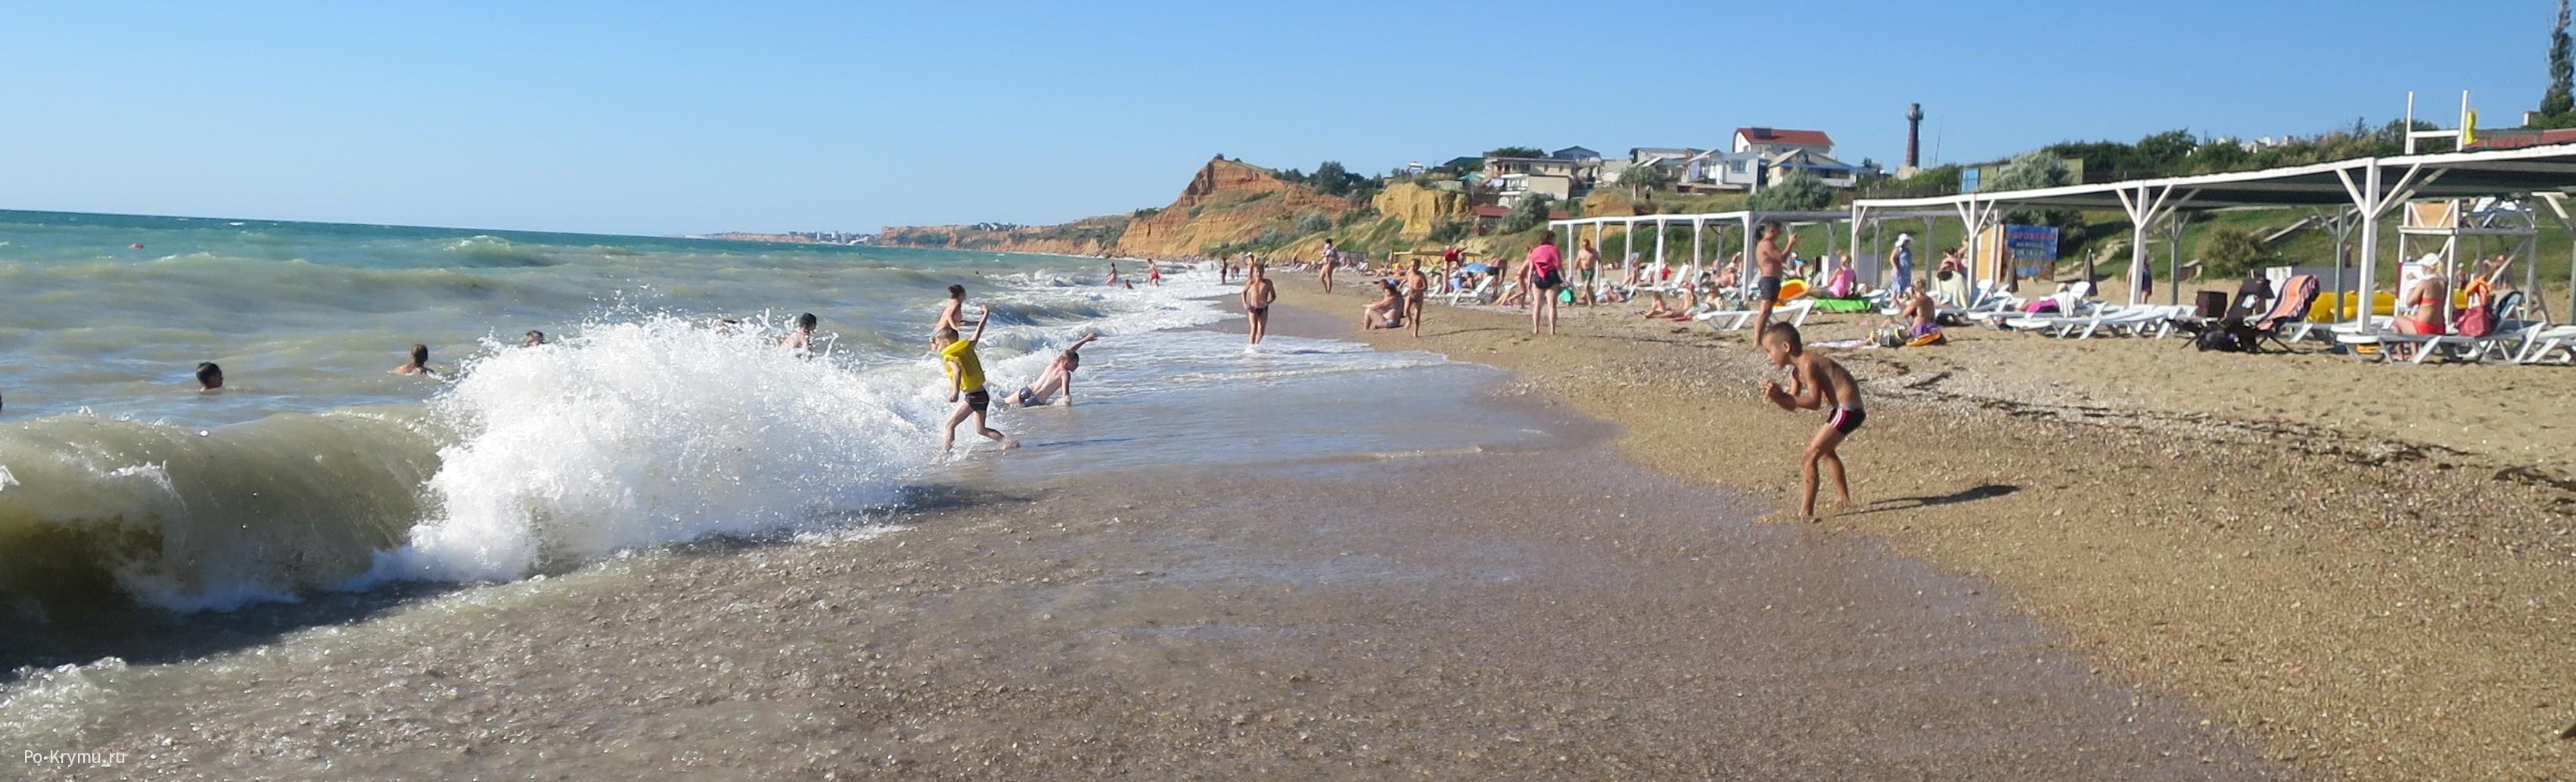 Севастополь, пляж Любимовки - фото моря, берега, отдыхающих.